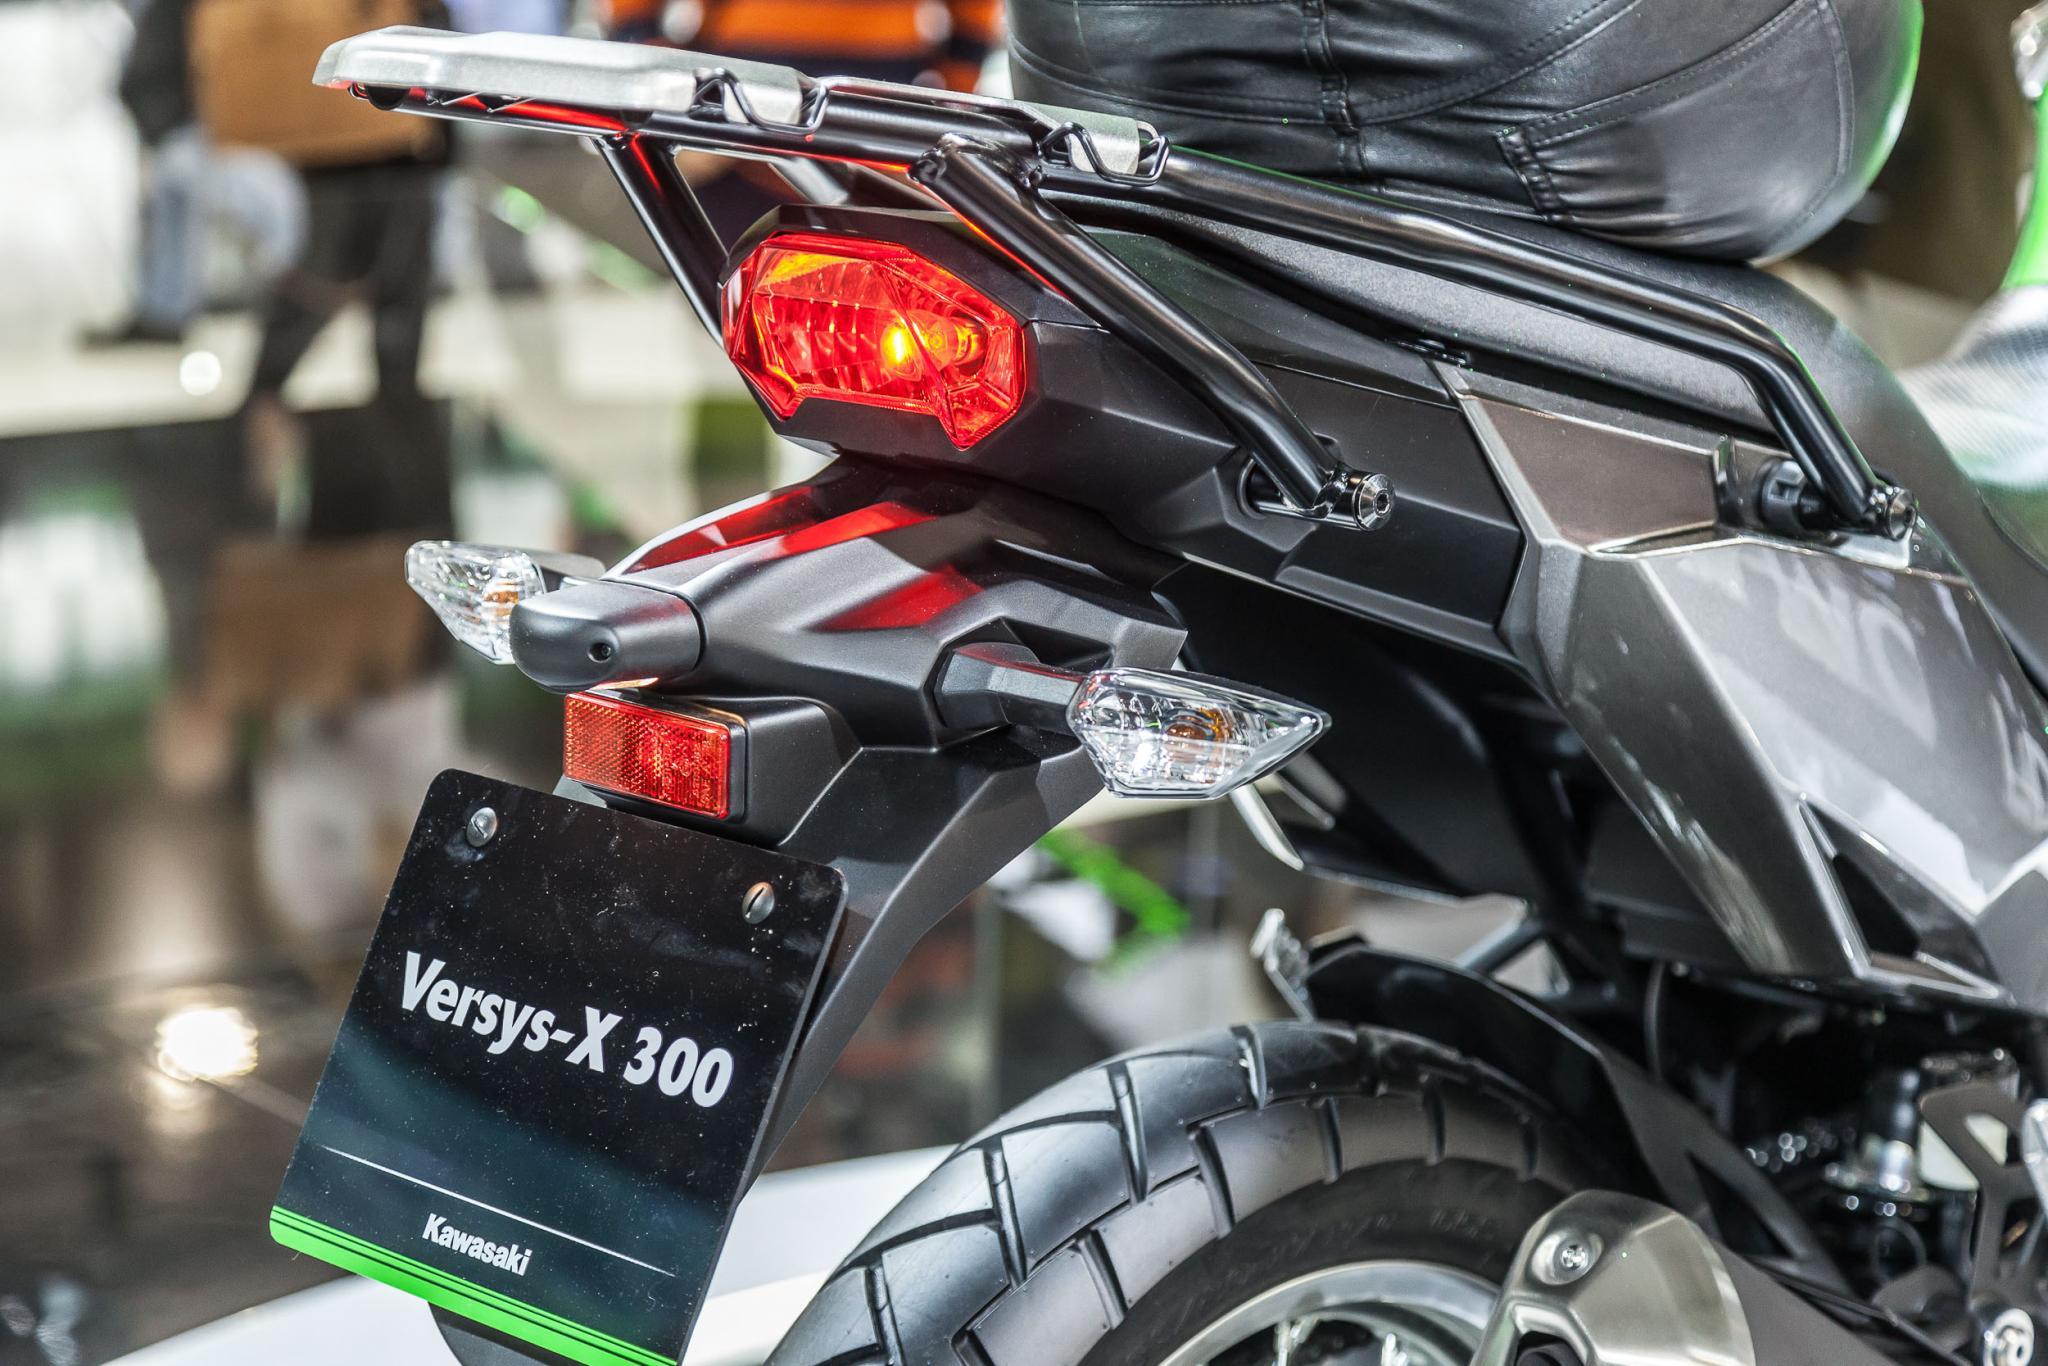 Kawasaki VersysX300 27